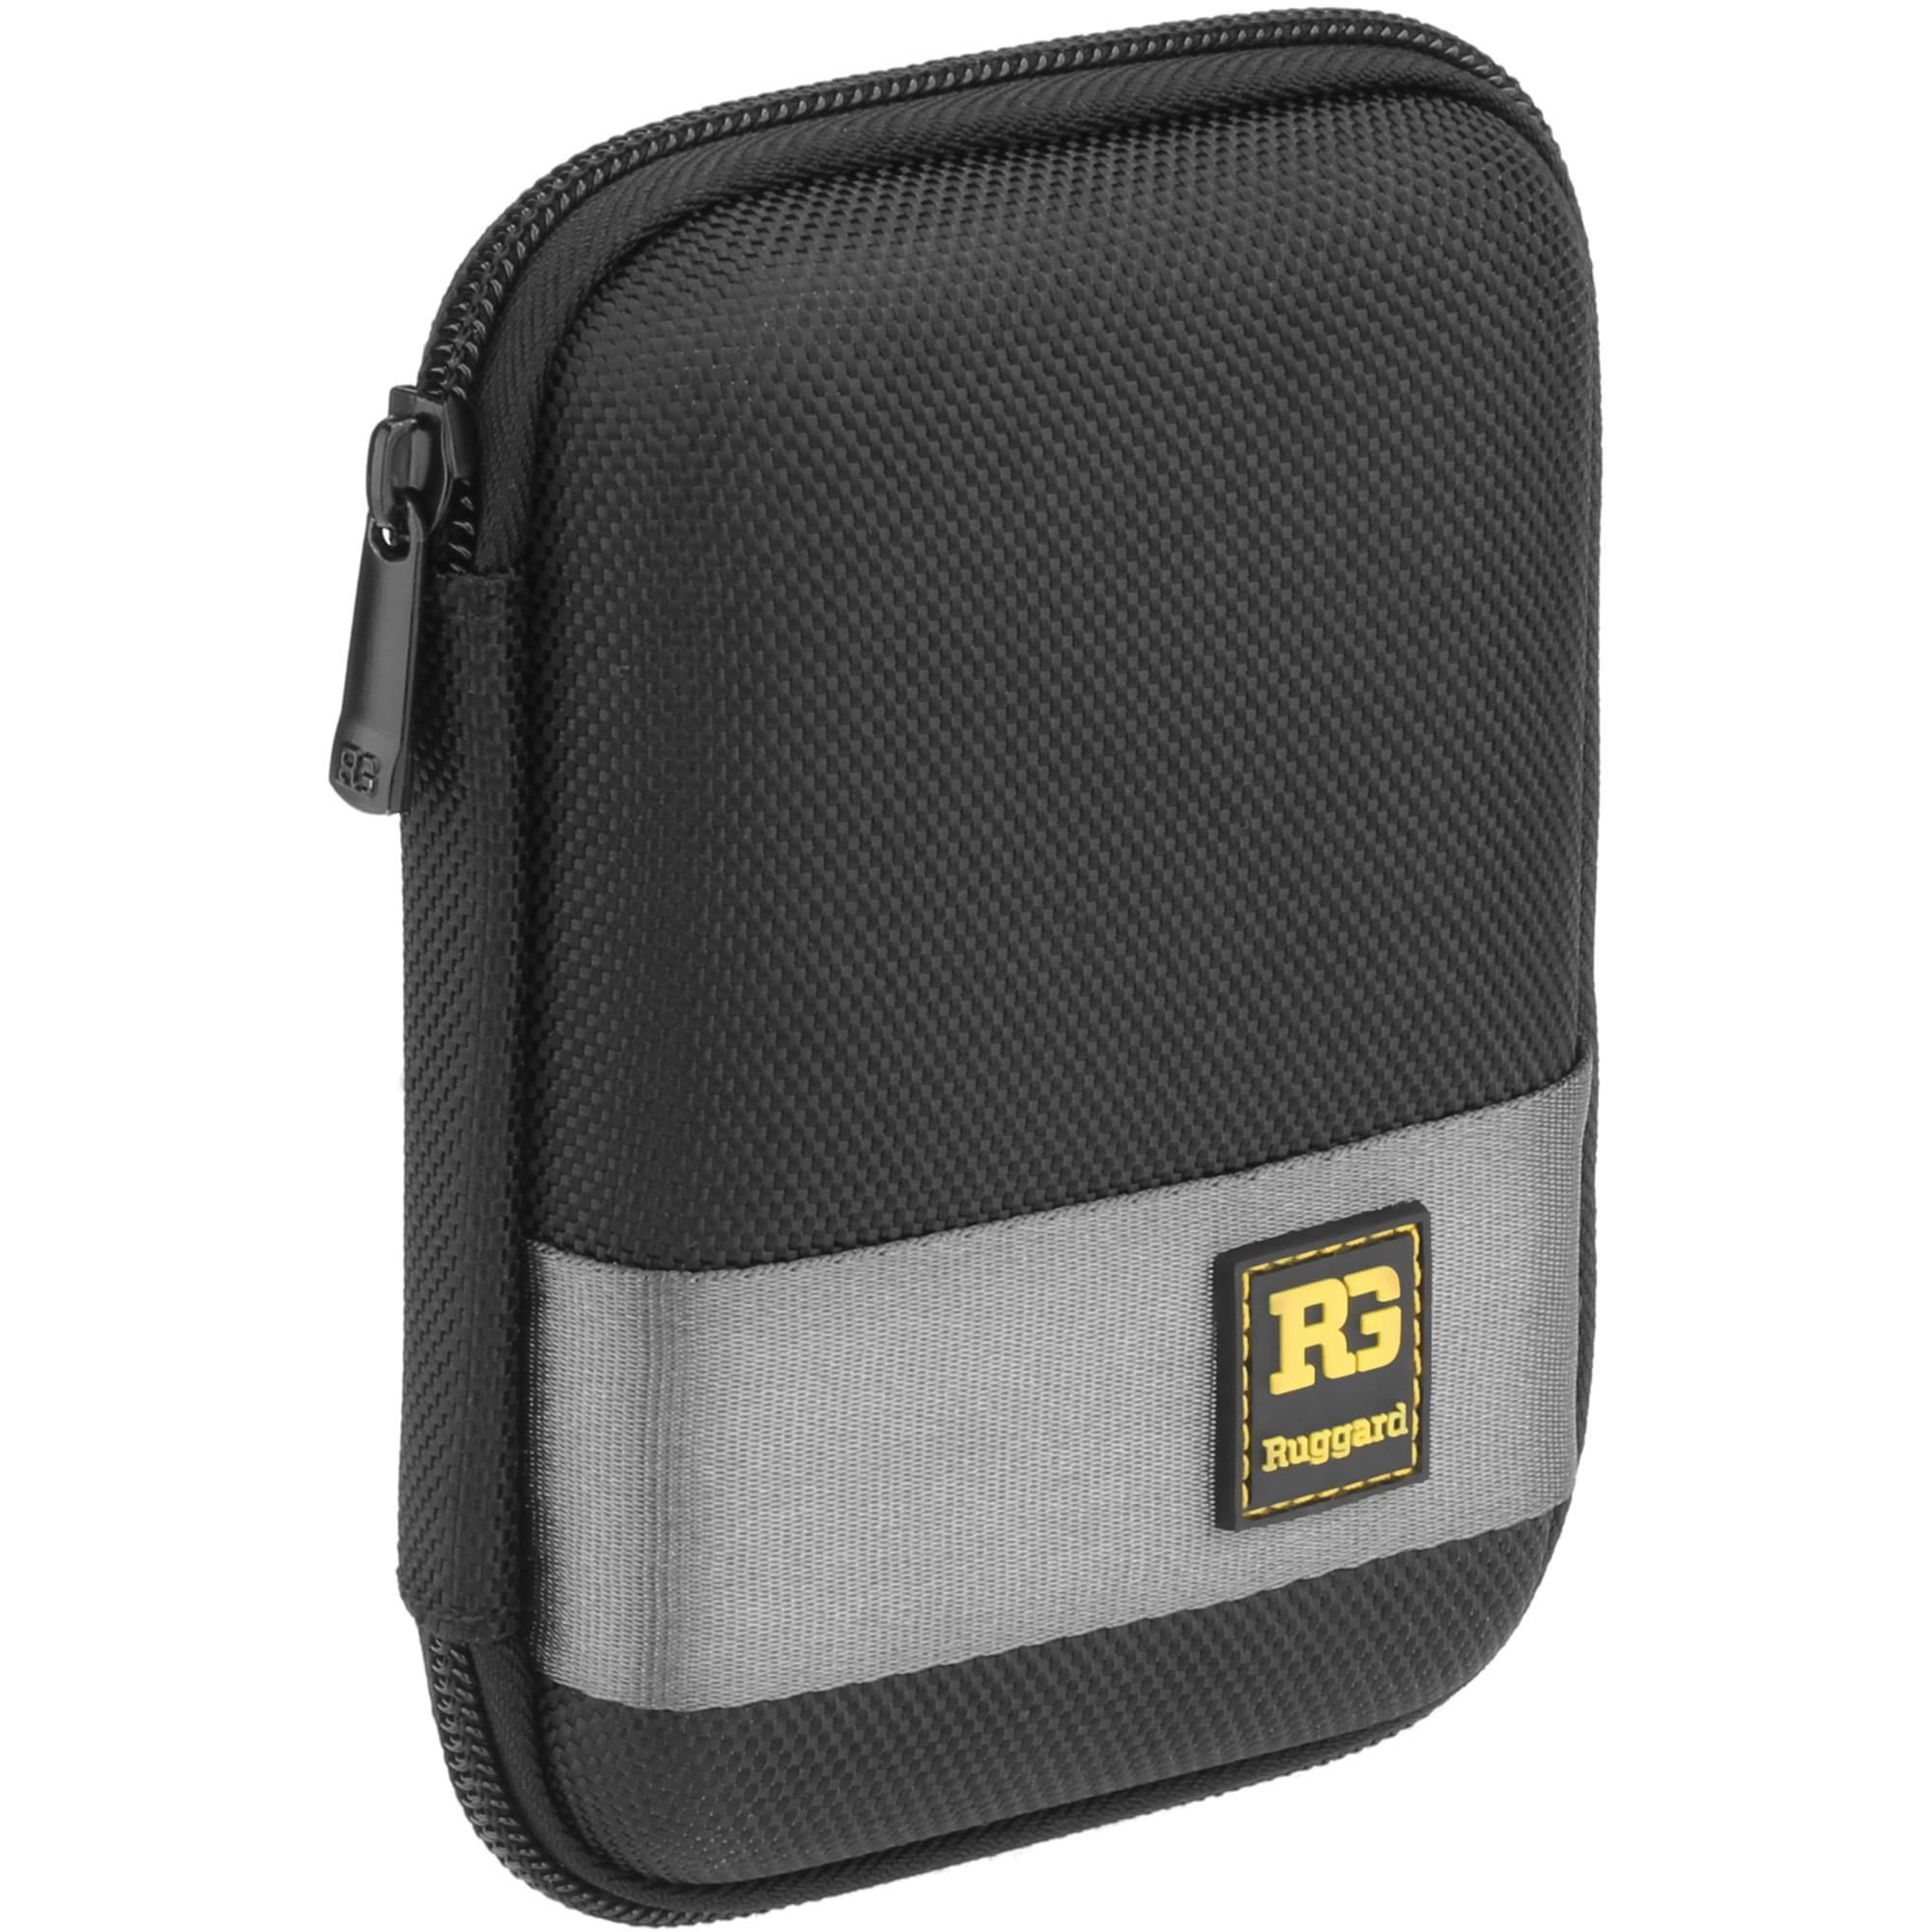 Ruggard HCY-PVB Portable Hard Drive Case HCY-PVB B&H Photo Video